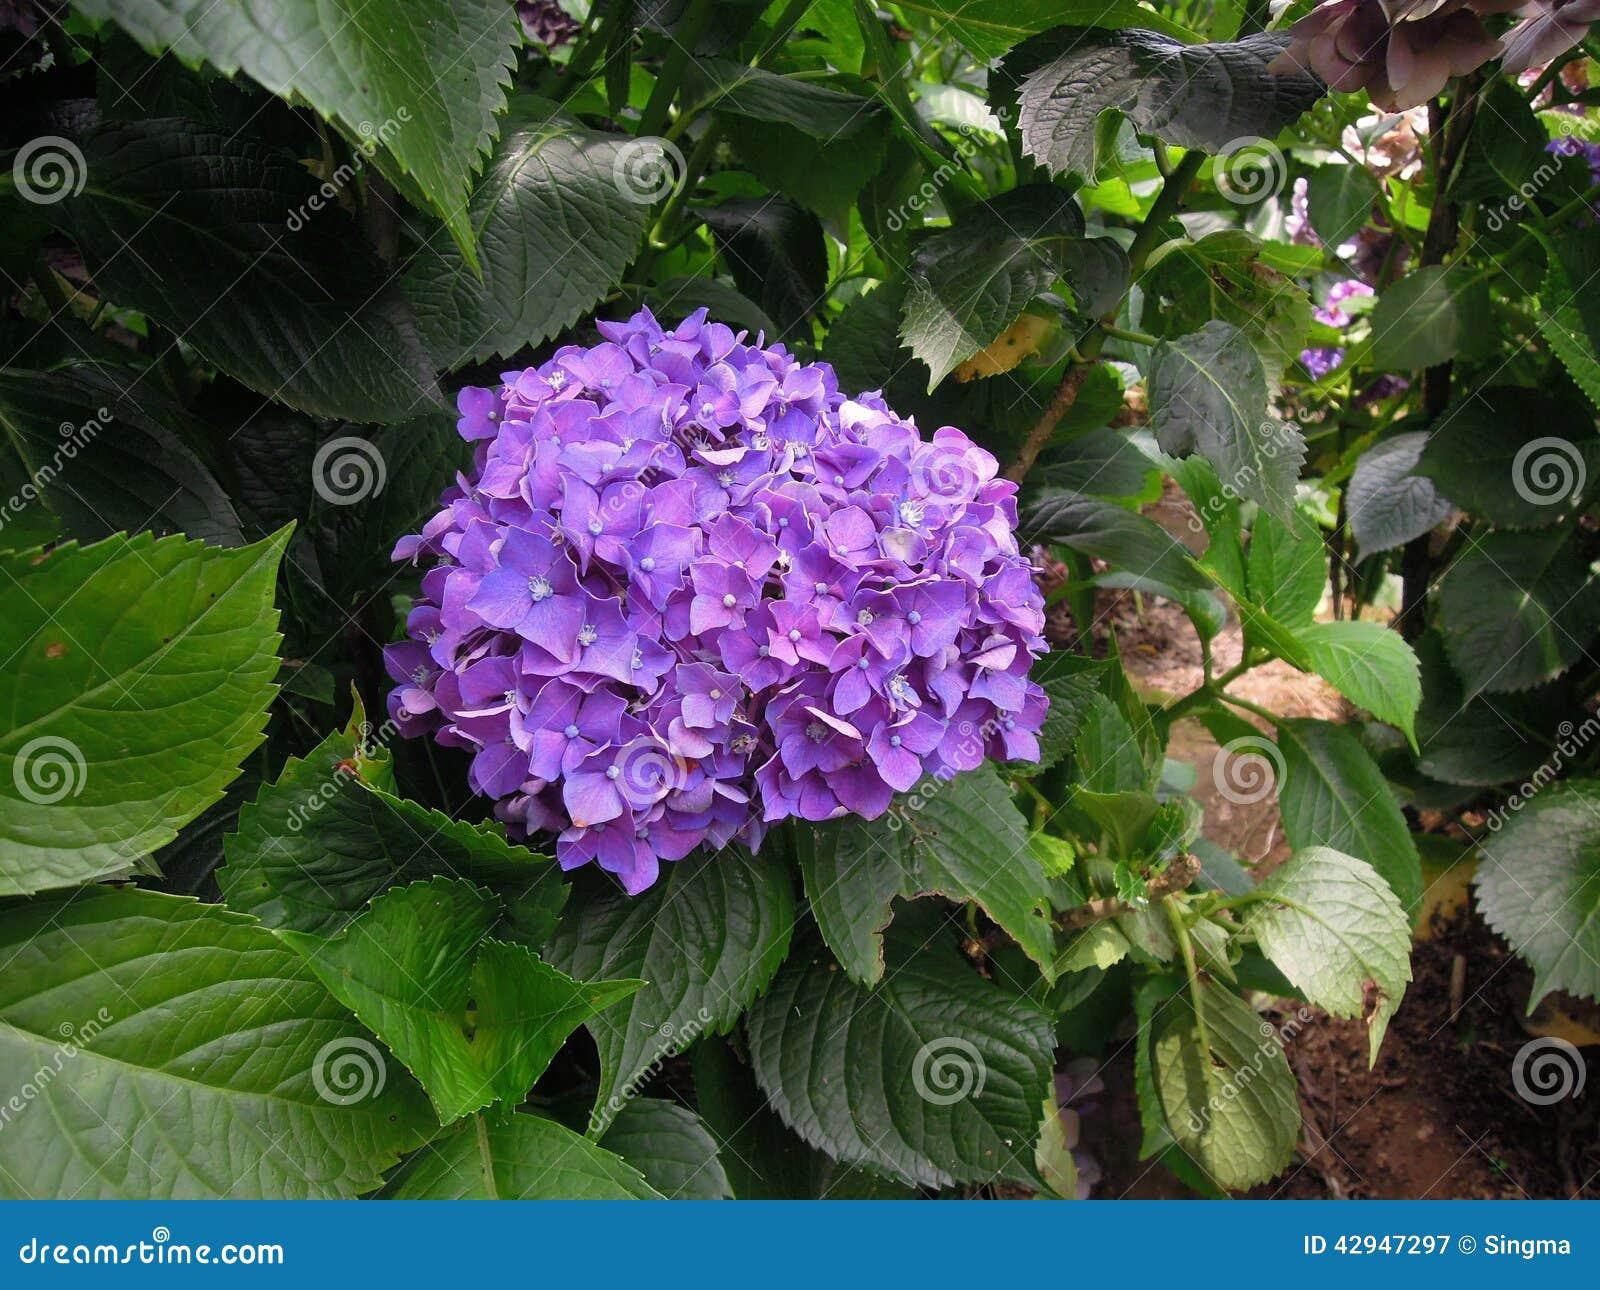 fleurs d 39 hortensia de boule forme de violet purple image stock image du hydrangea botanique. Black Bedroom Furniture Sets. Home Design Ideas